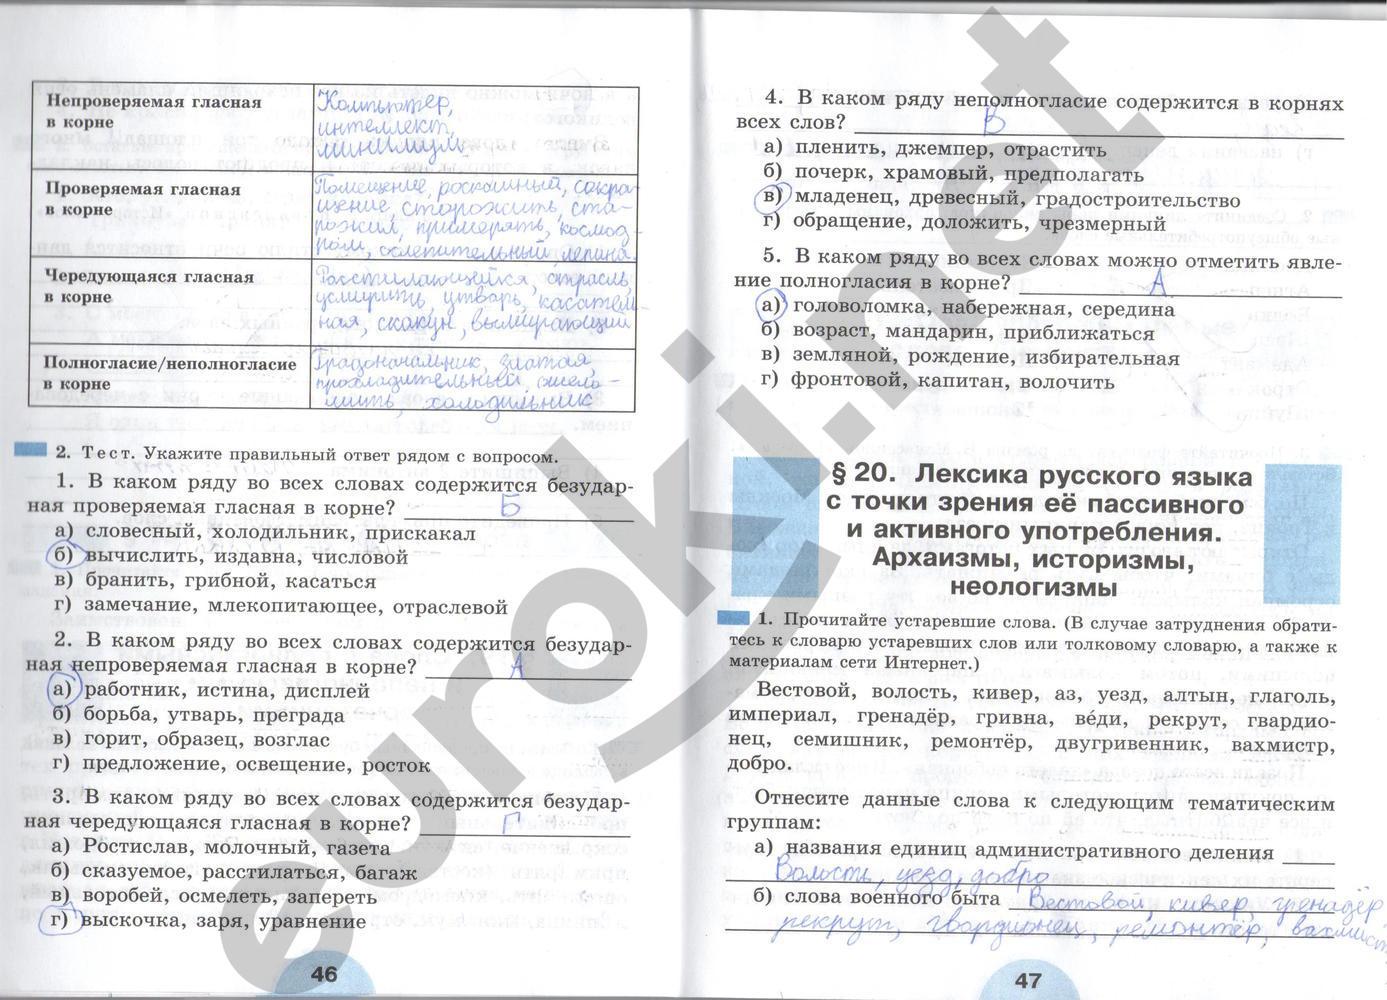 Решебник по русскому языку 8 класс рыбченкова тетрадь